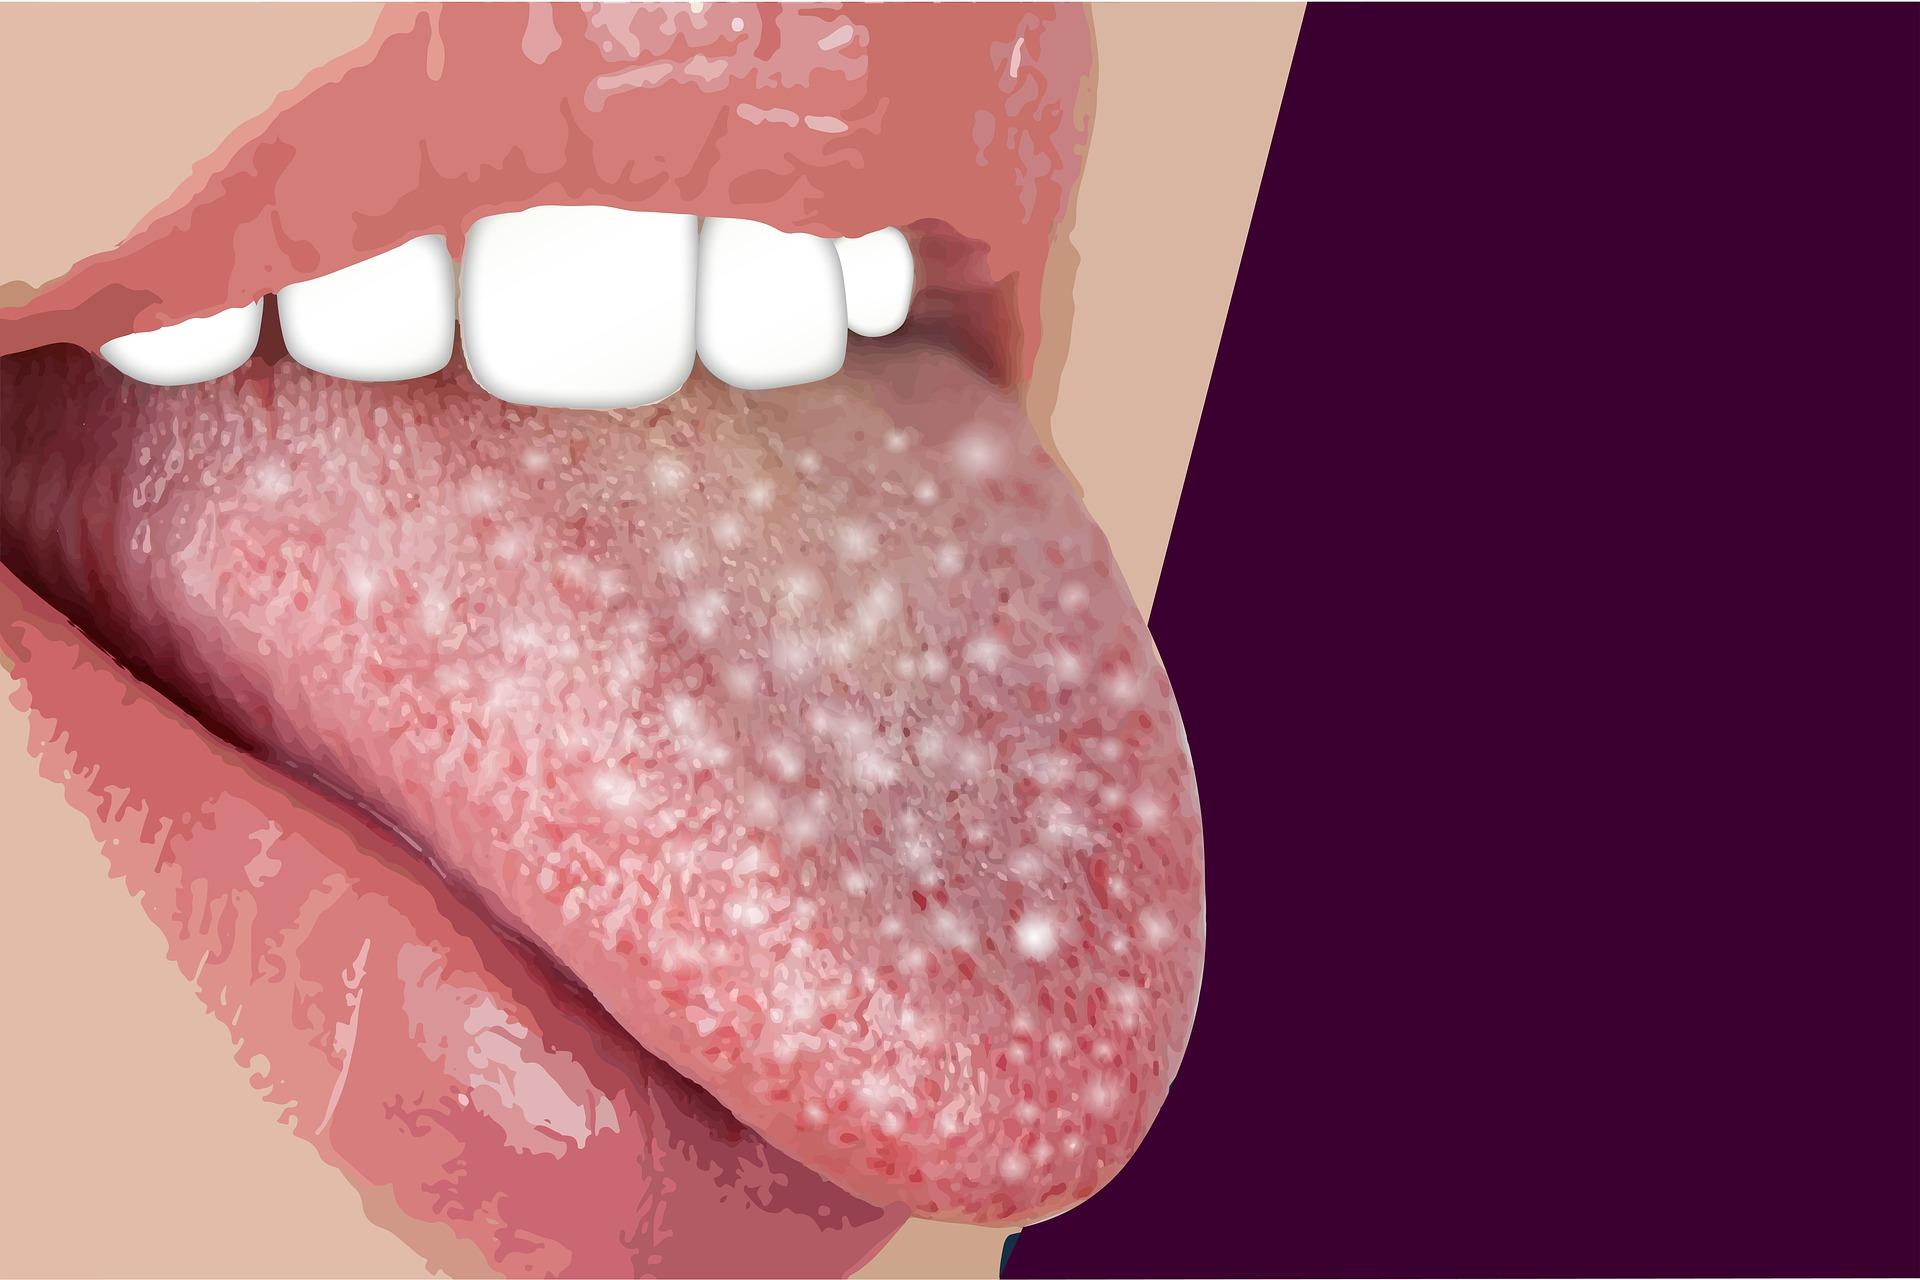 פצעים בחלל הפה